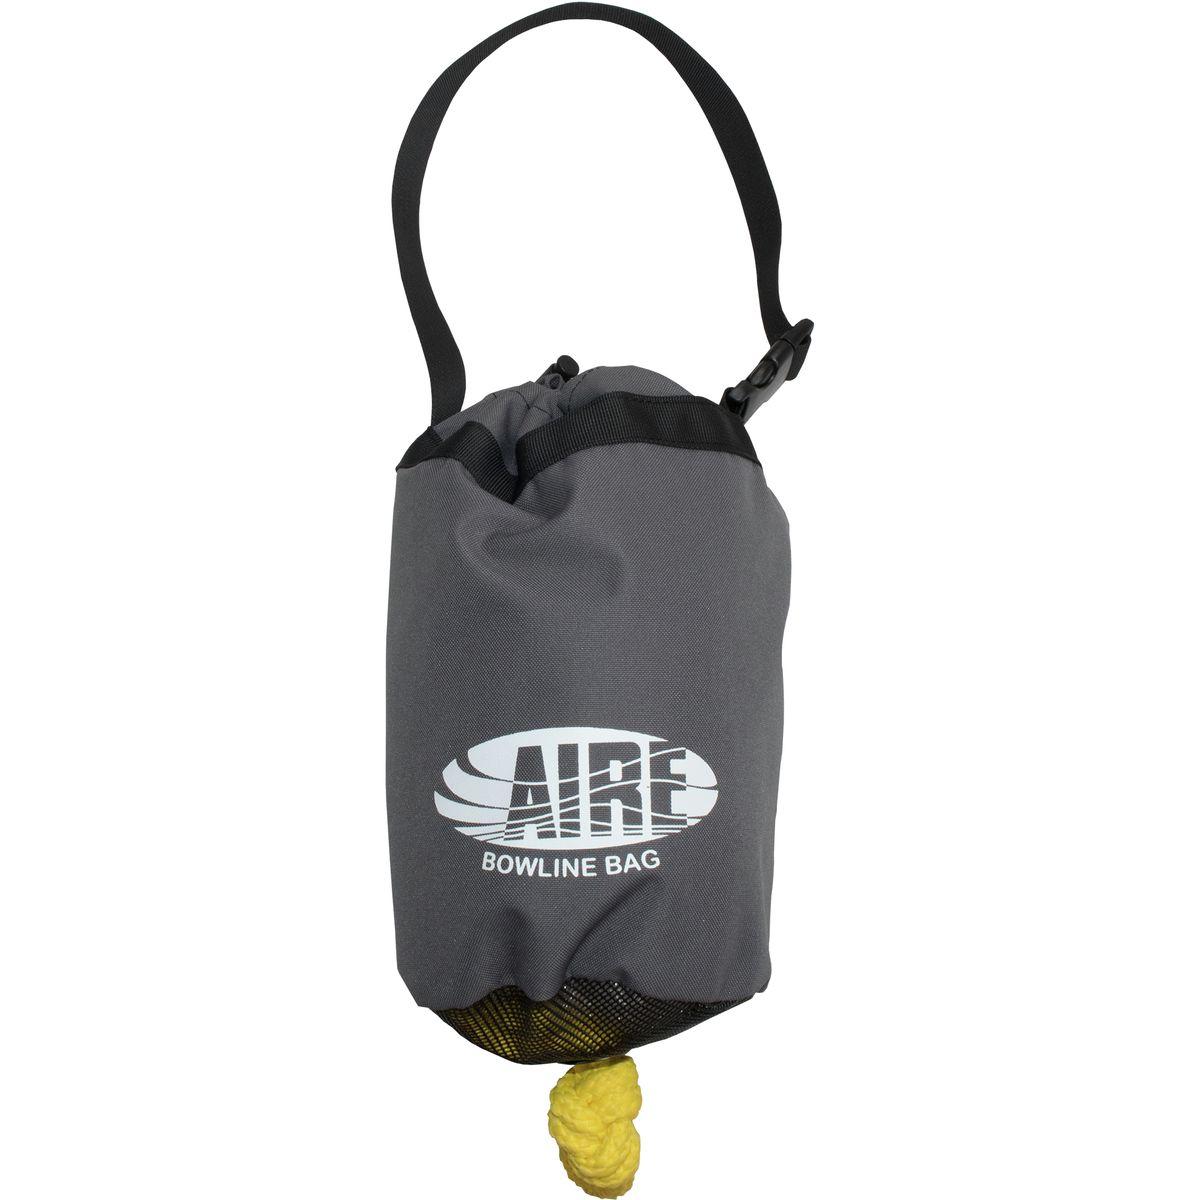 Aire Bowline Bag